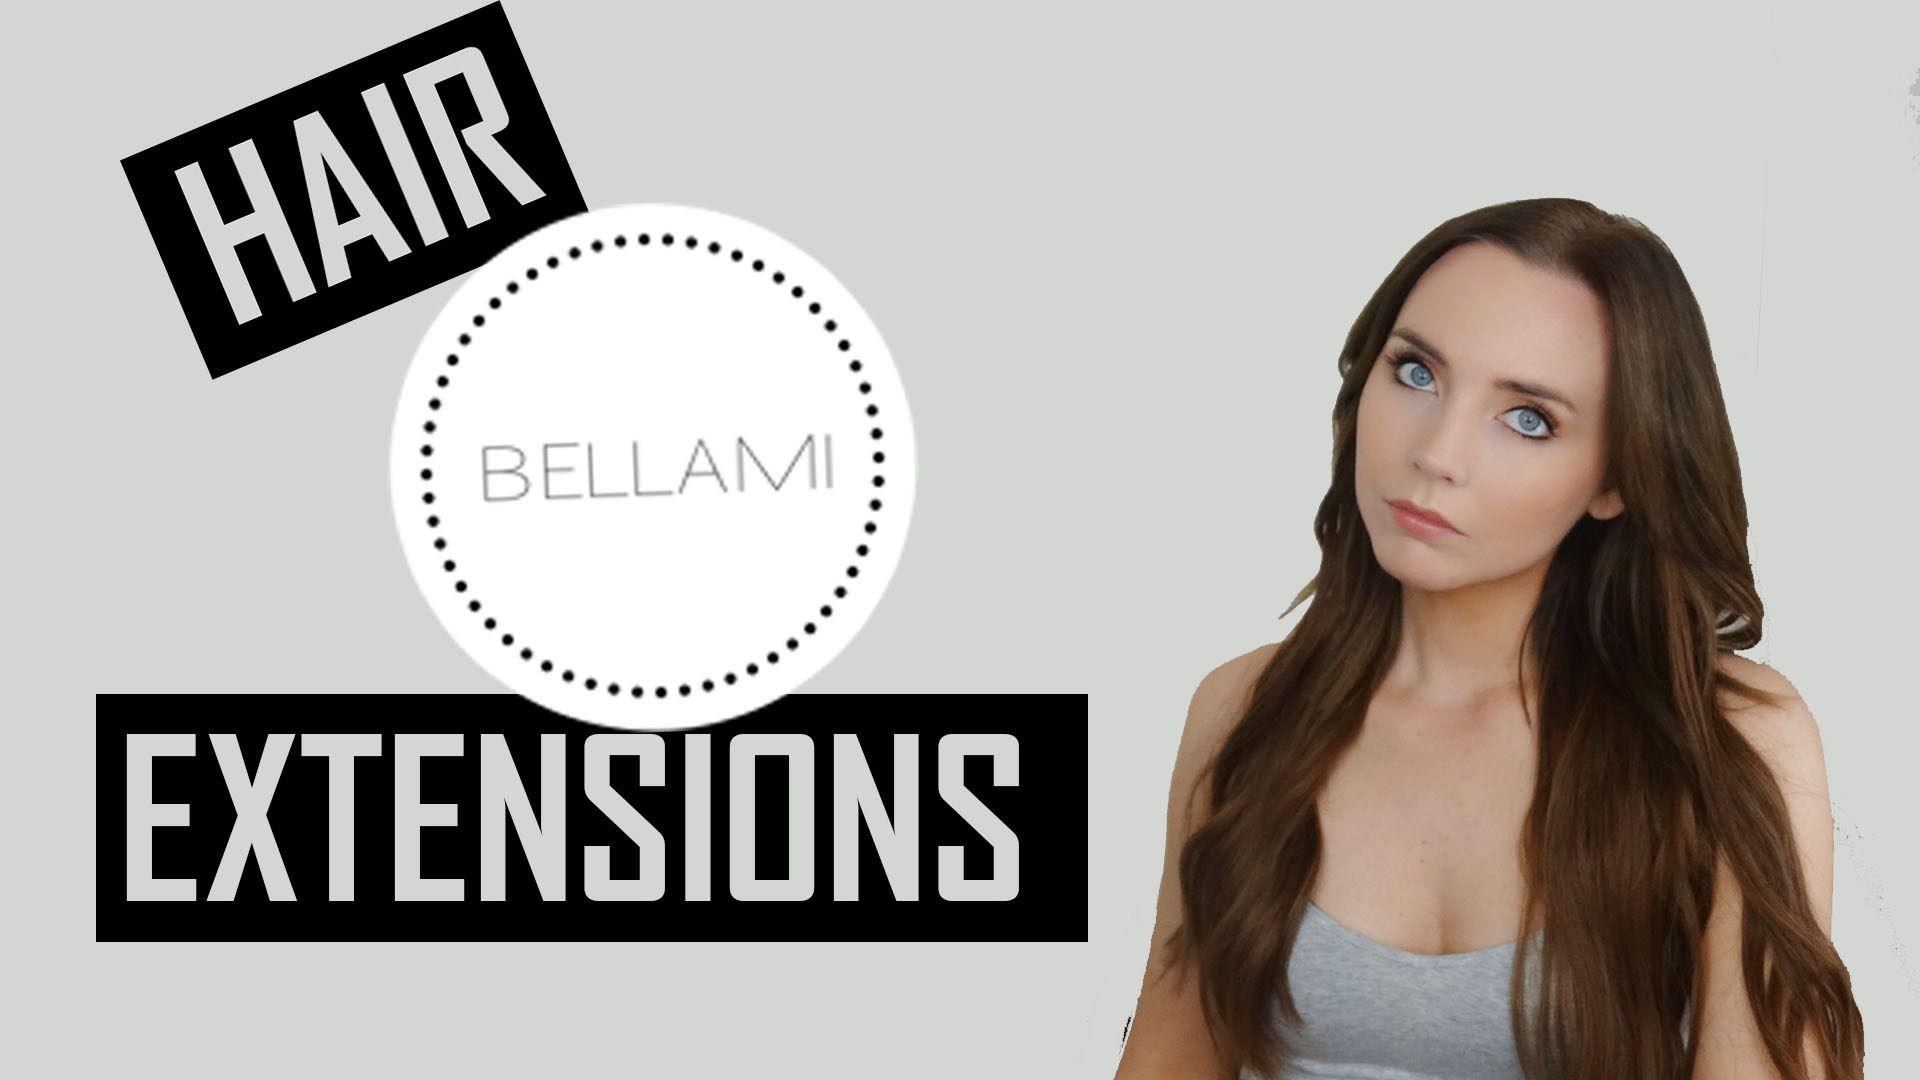 Bellami Hair Extensions Review Piccolina 120g 18